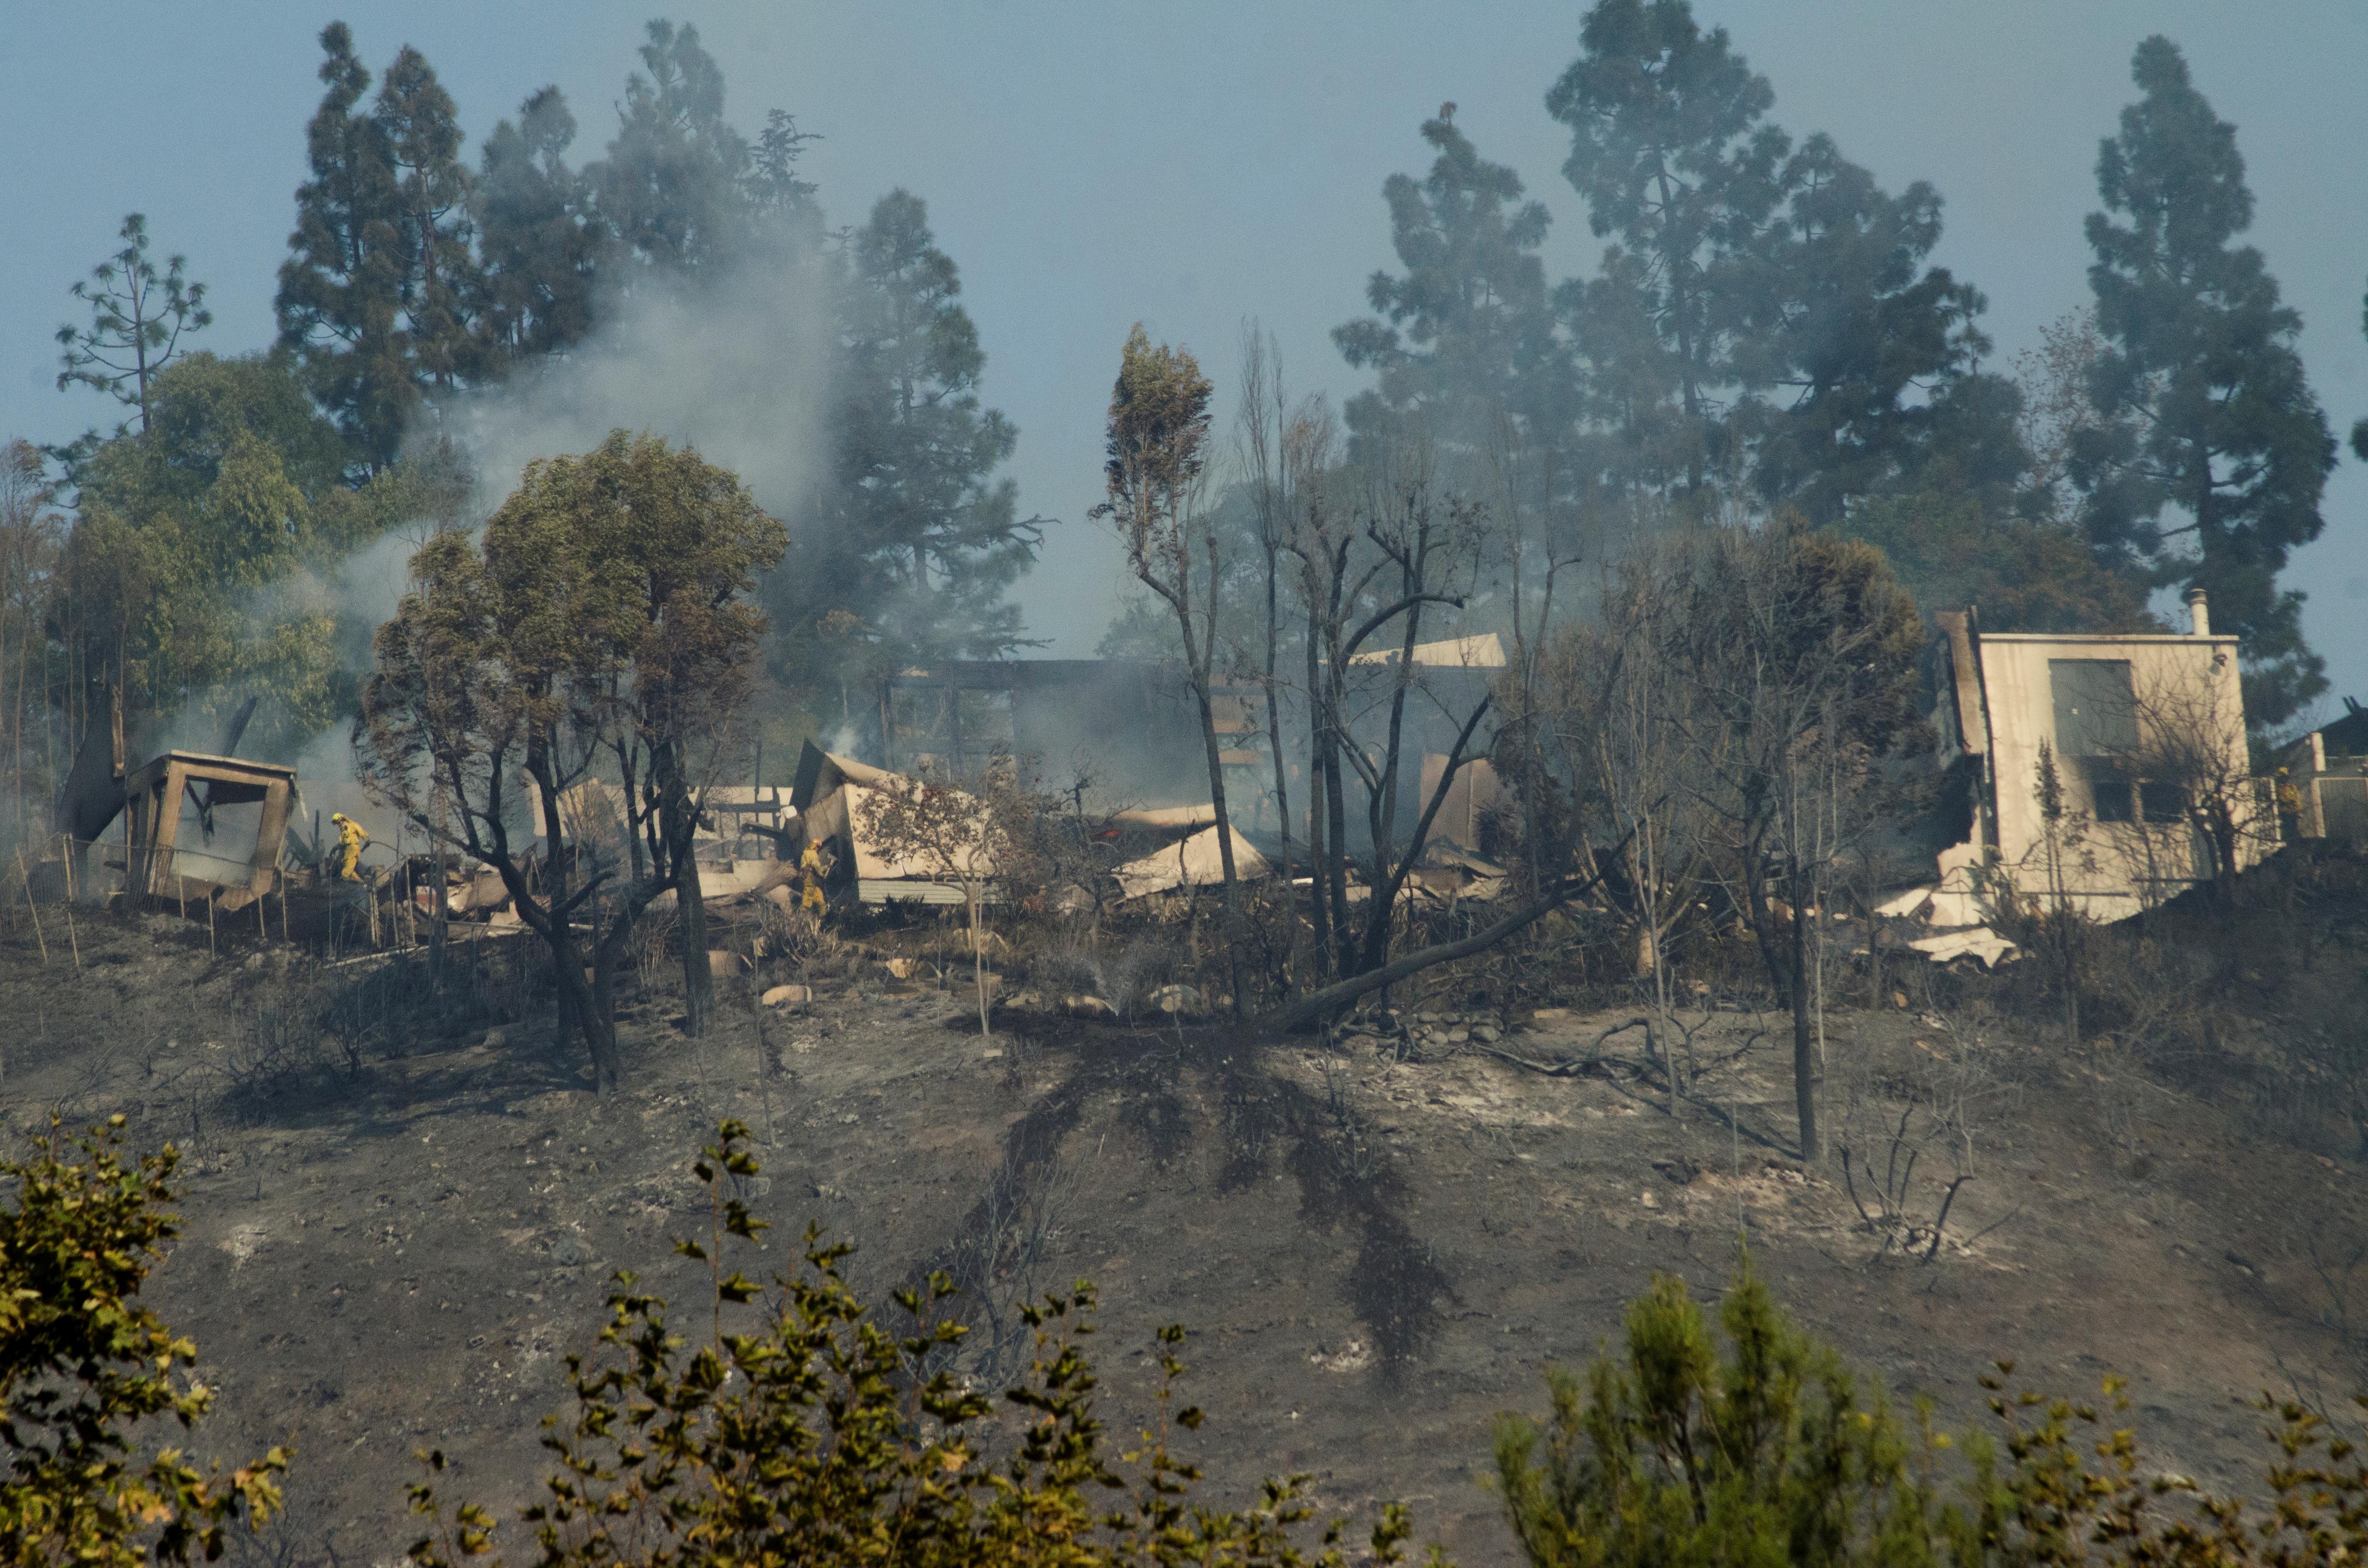 دمار فى كاليفورنيا  بسبب الحرائق